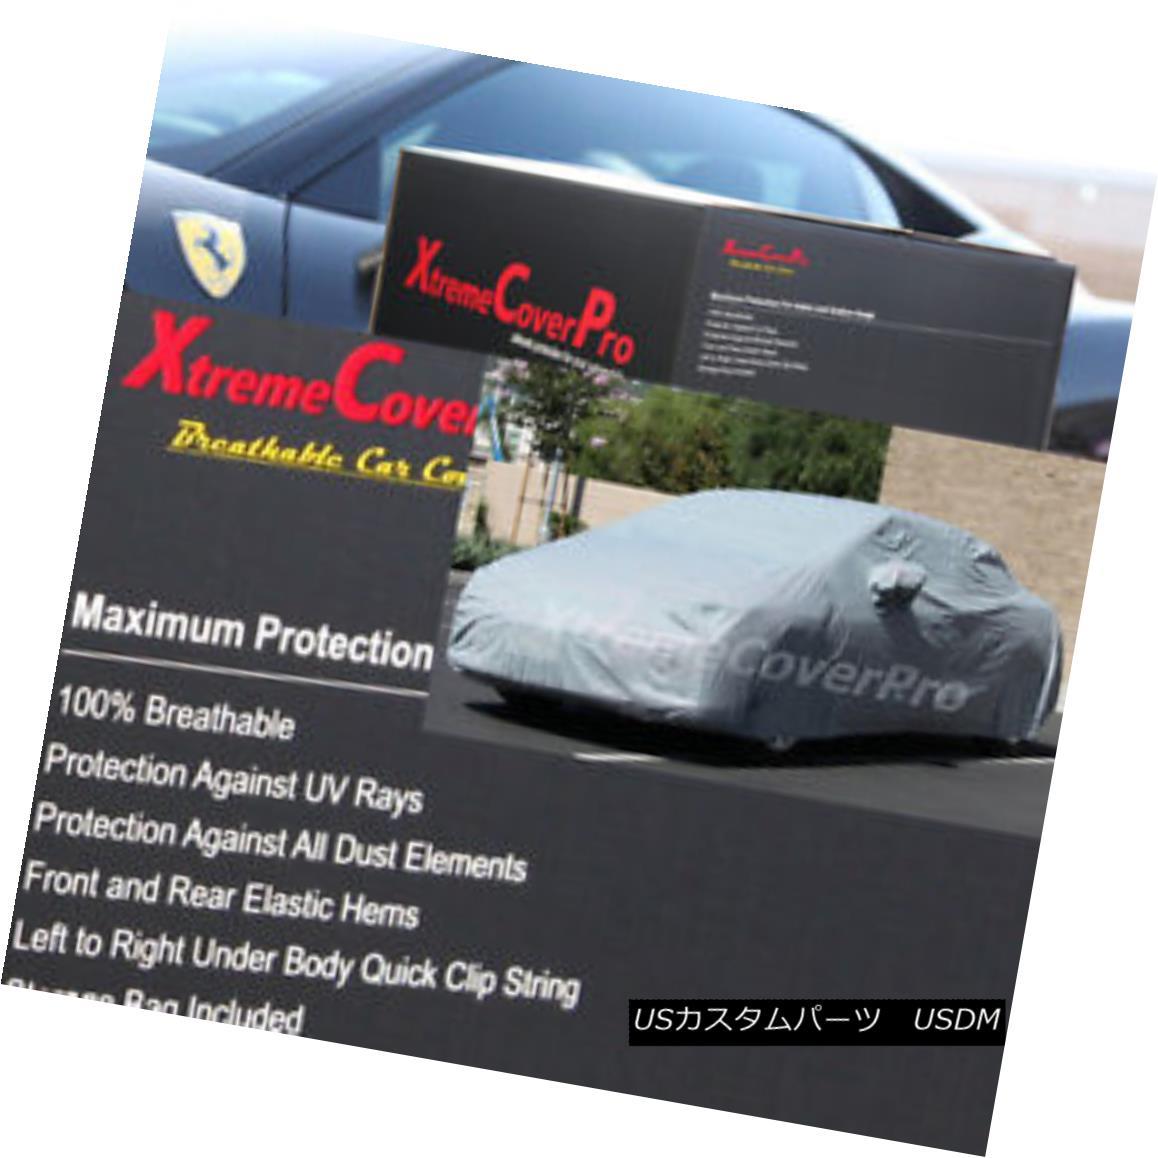 カーカバー 2013 Lexus CT200H Breathable Car Cover w/MirrorPocket 2013レクサスCT200H通気性車カバー付きMirrorPocket